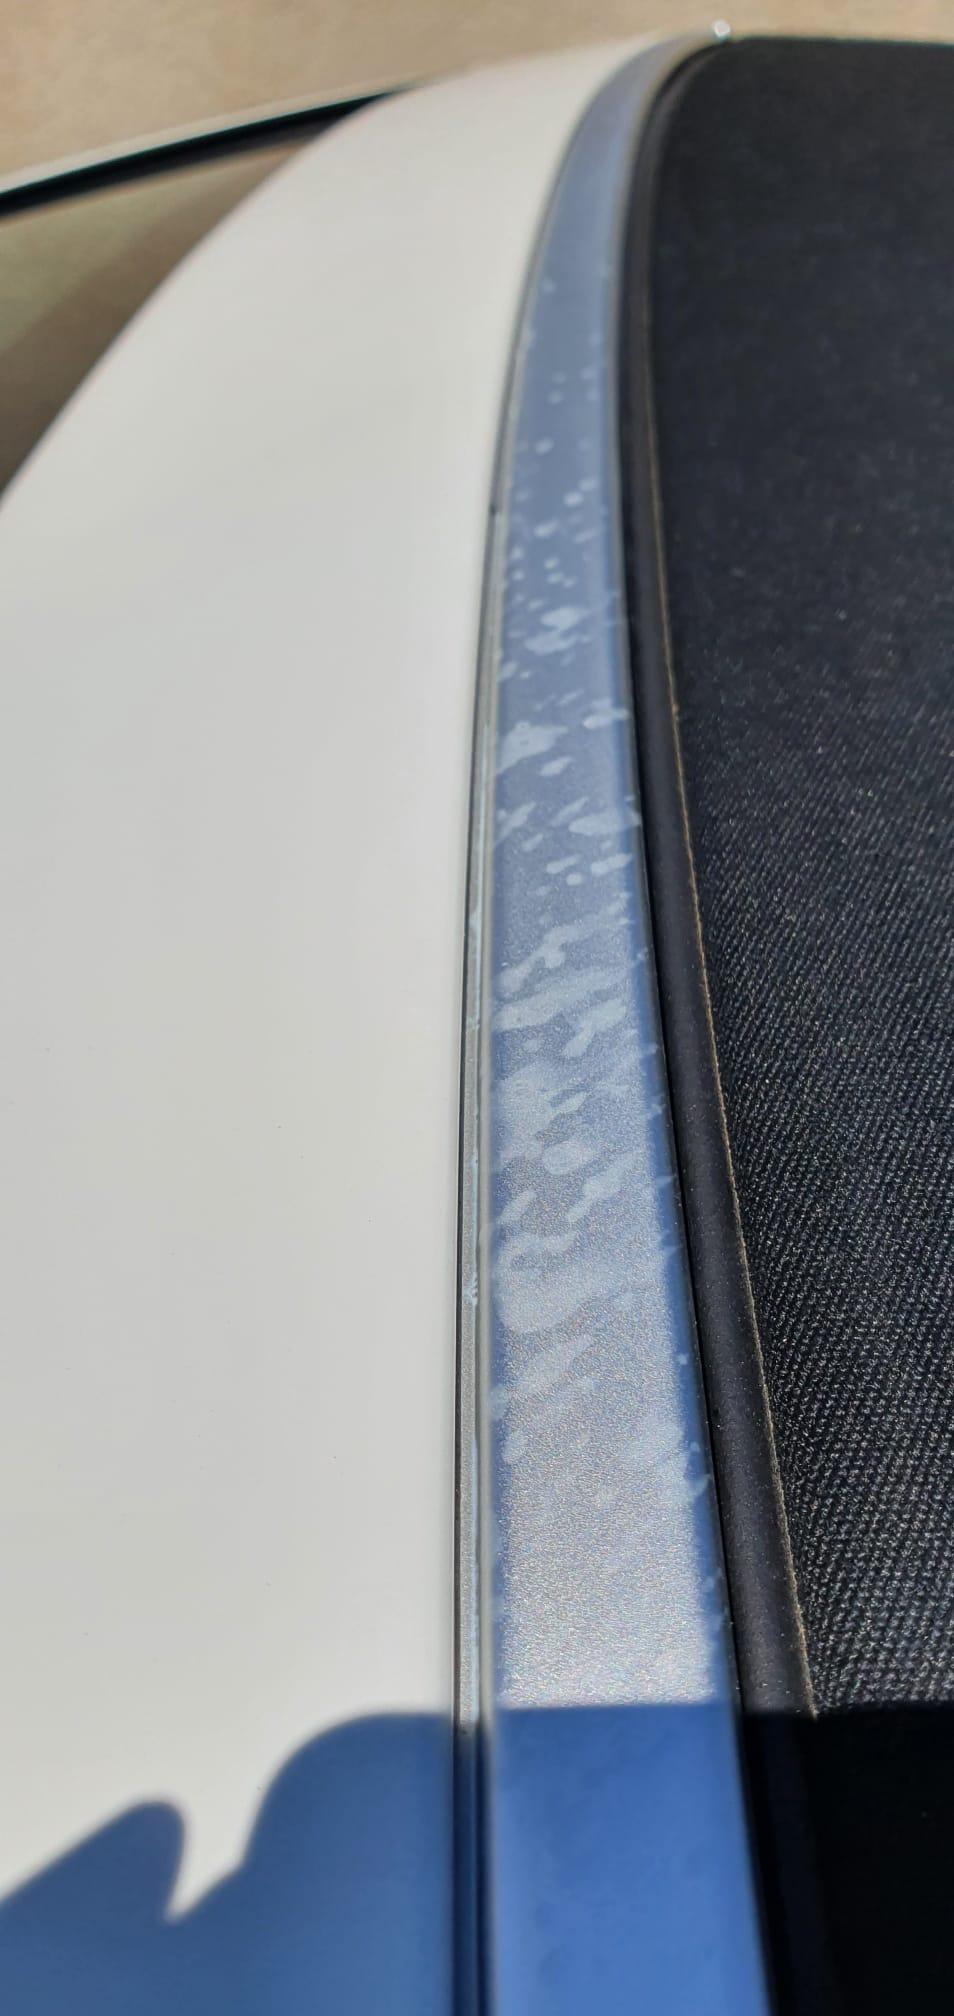 gocce bianche irremovibili  sul profilo in alluminio Whatsa16